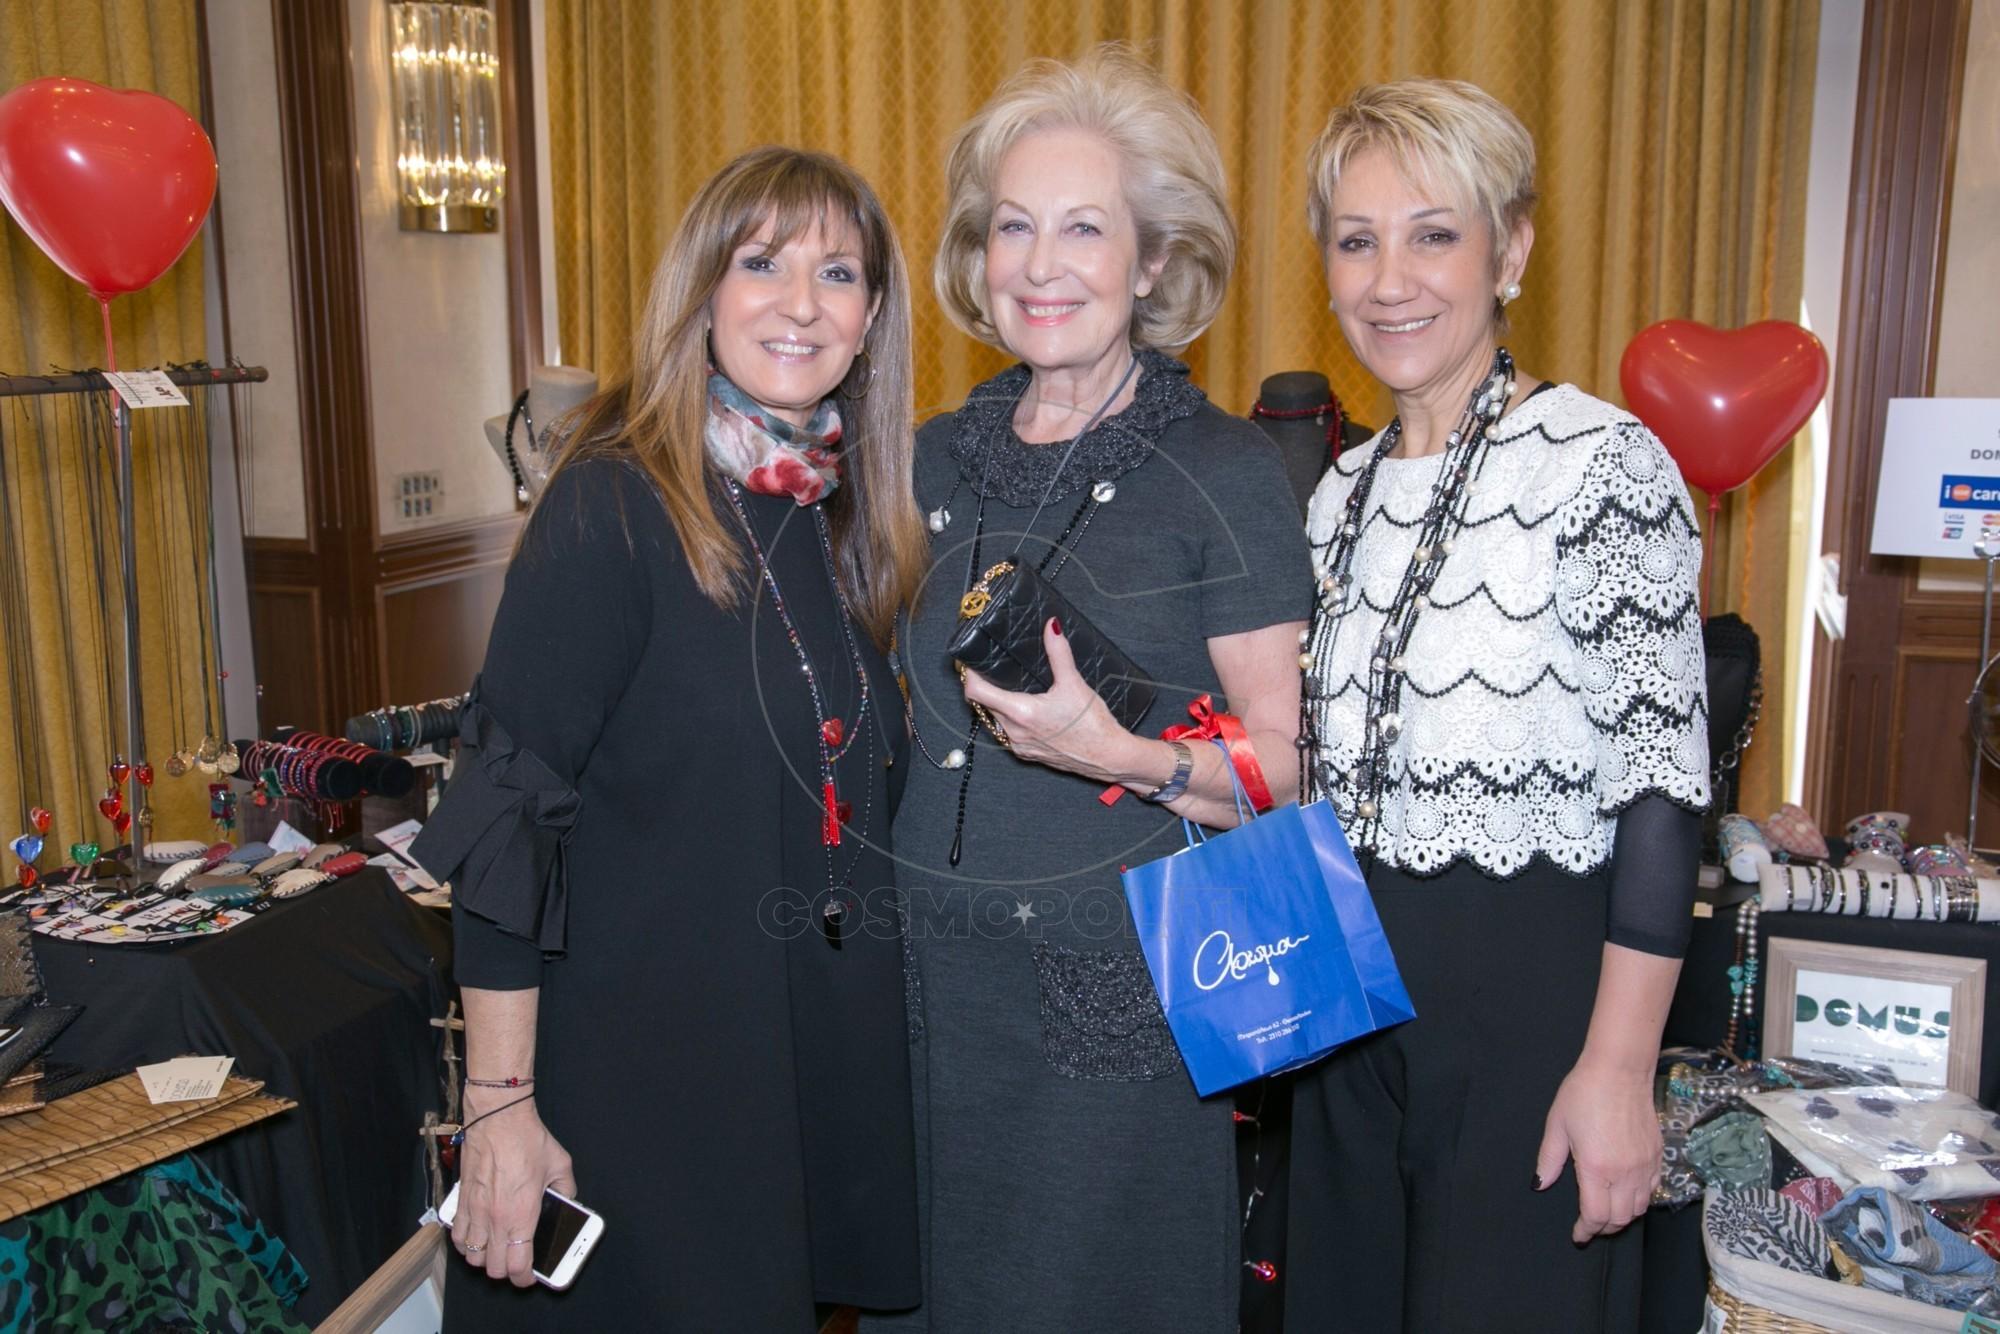 8 Η Μπέττυ Χασόν του DOMUS, η Ηρώ Τζελέπογλου & η Ελένη Ραπτοπούλου του precious jewels